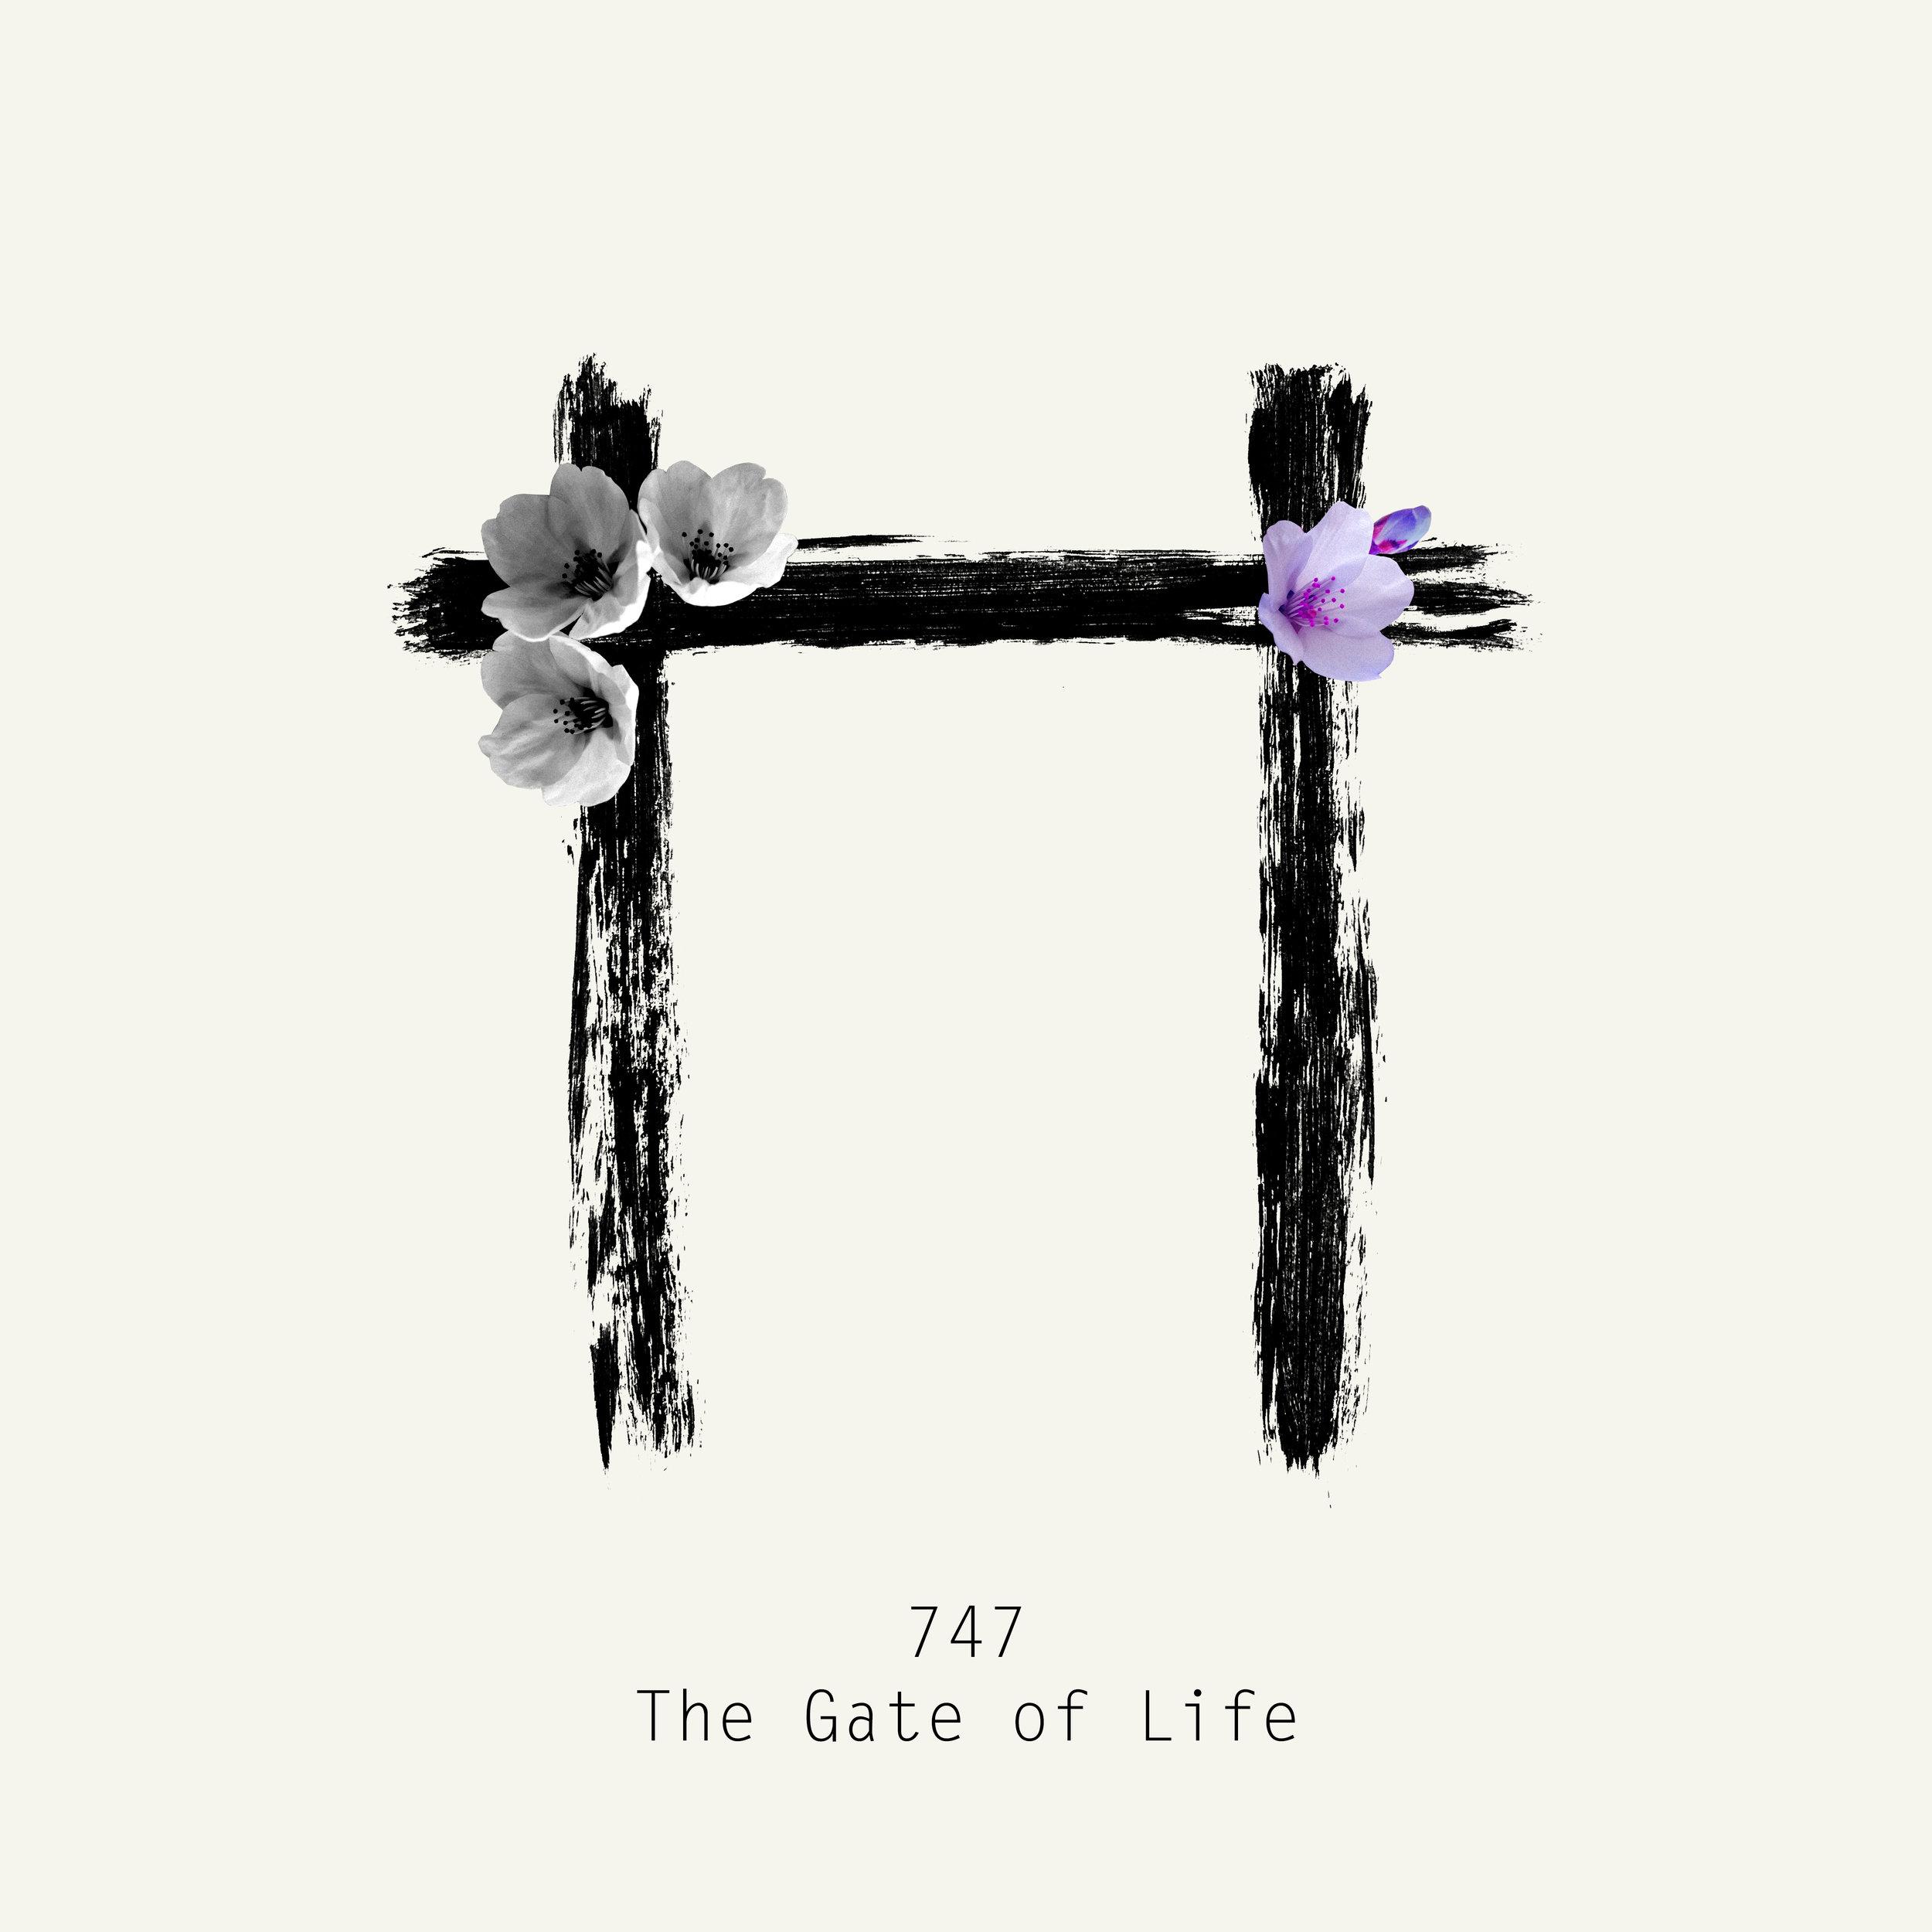 747 The Gate of Life Sampler